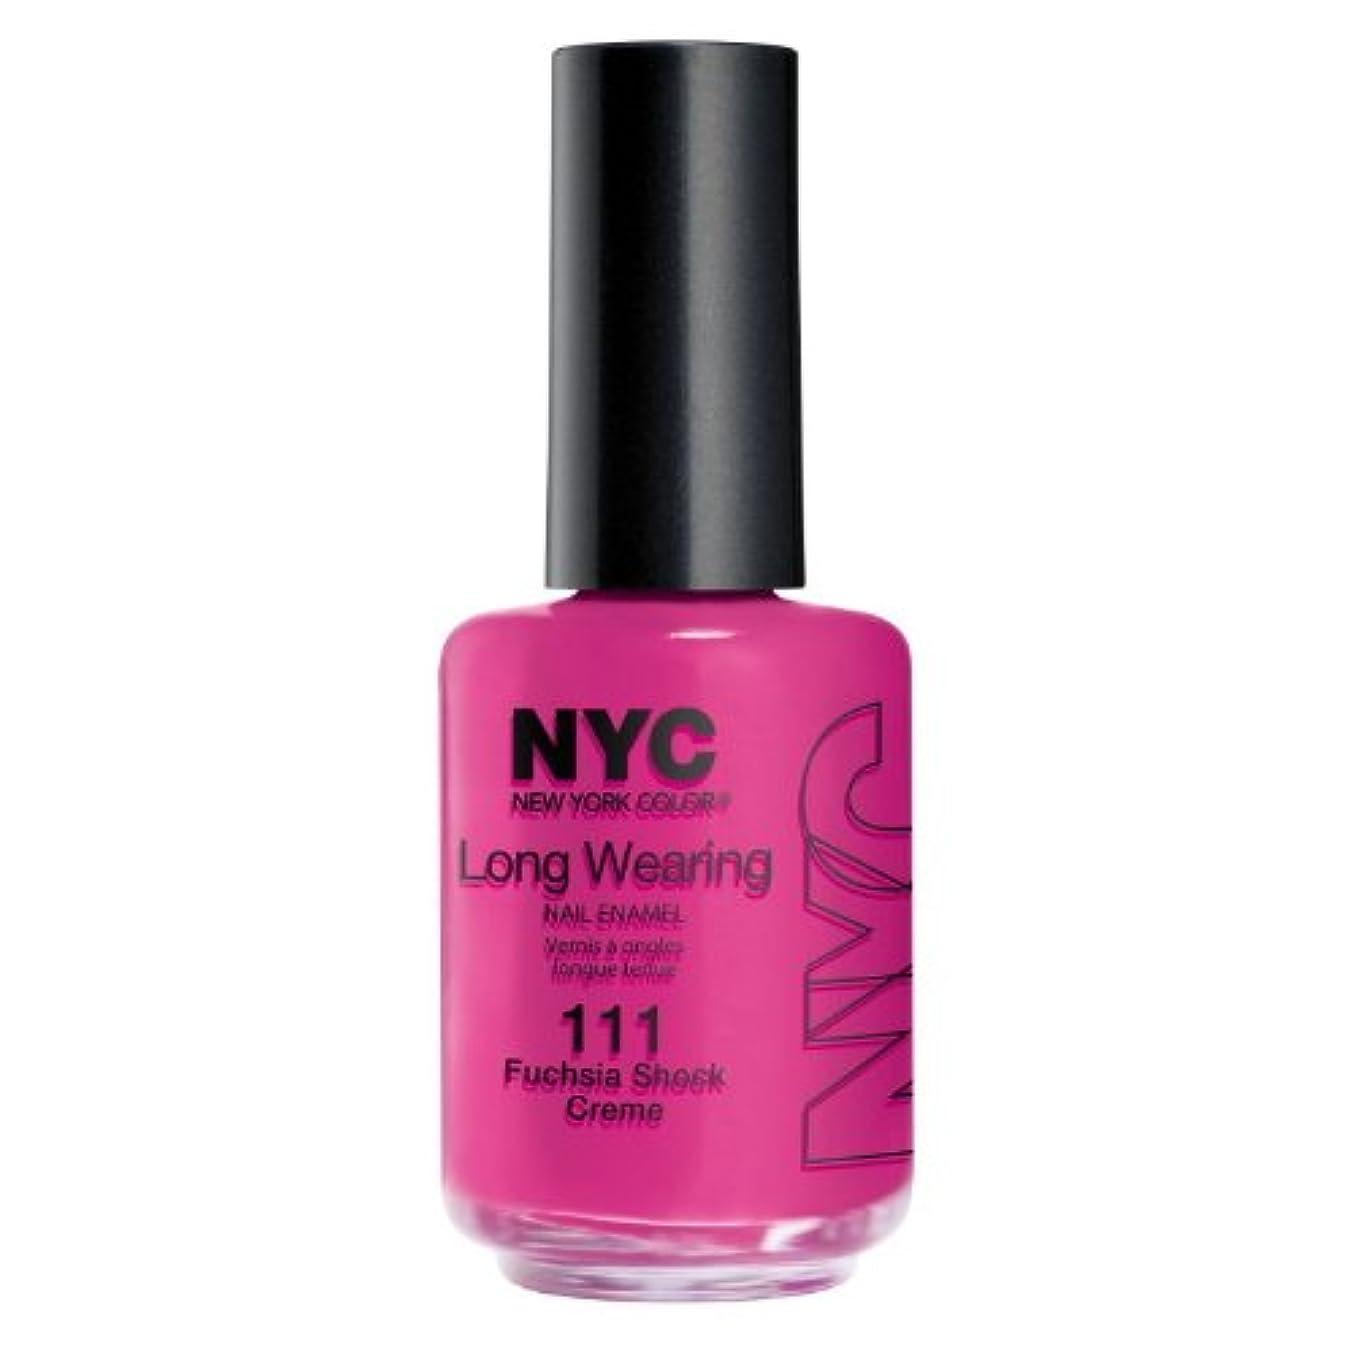 要塞首報酬(3 Pack) NYC Long Wearing Nail Enamel - Fuchisia Shock Creme (並行輸入品)